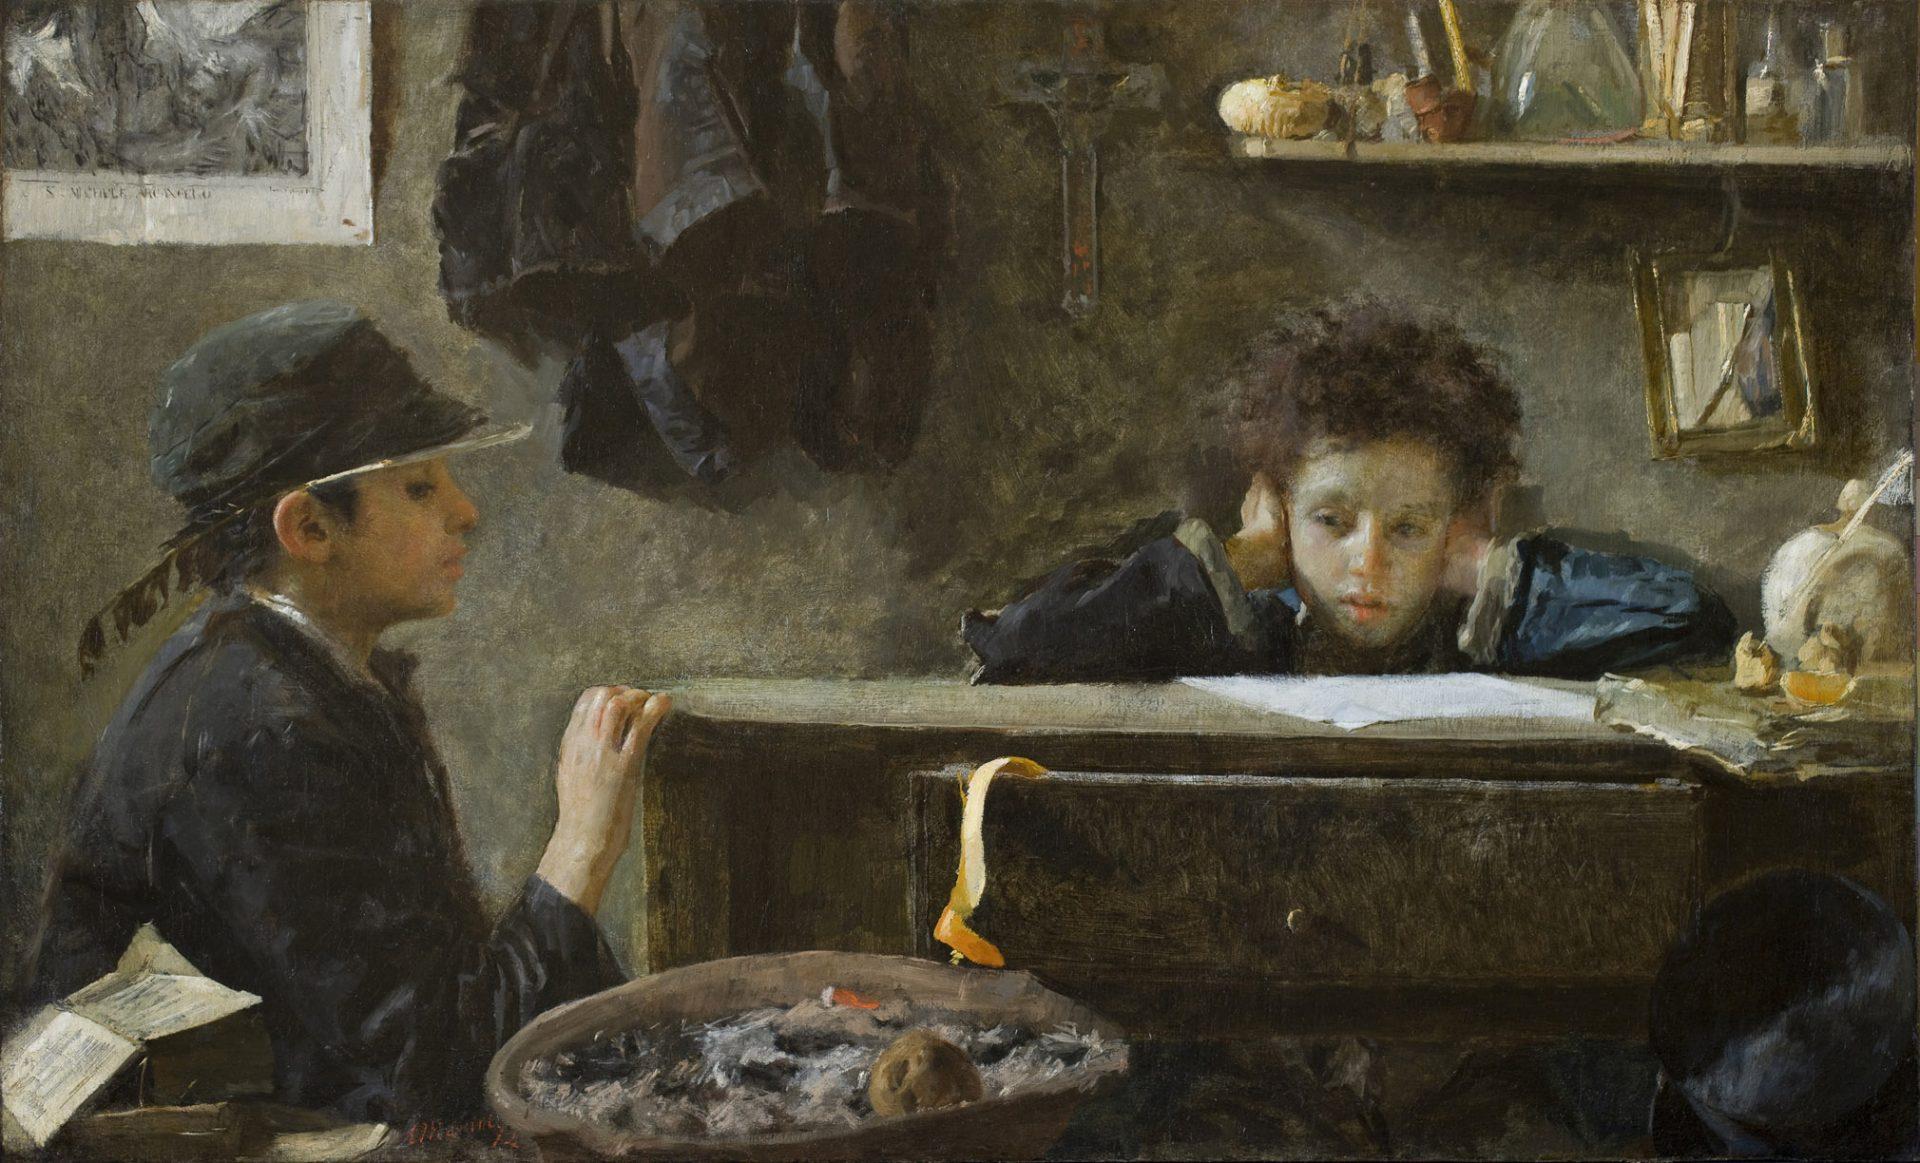 Antonio Mancini, Acque basse, 1874, olio su tavola